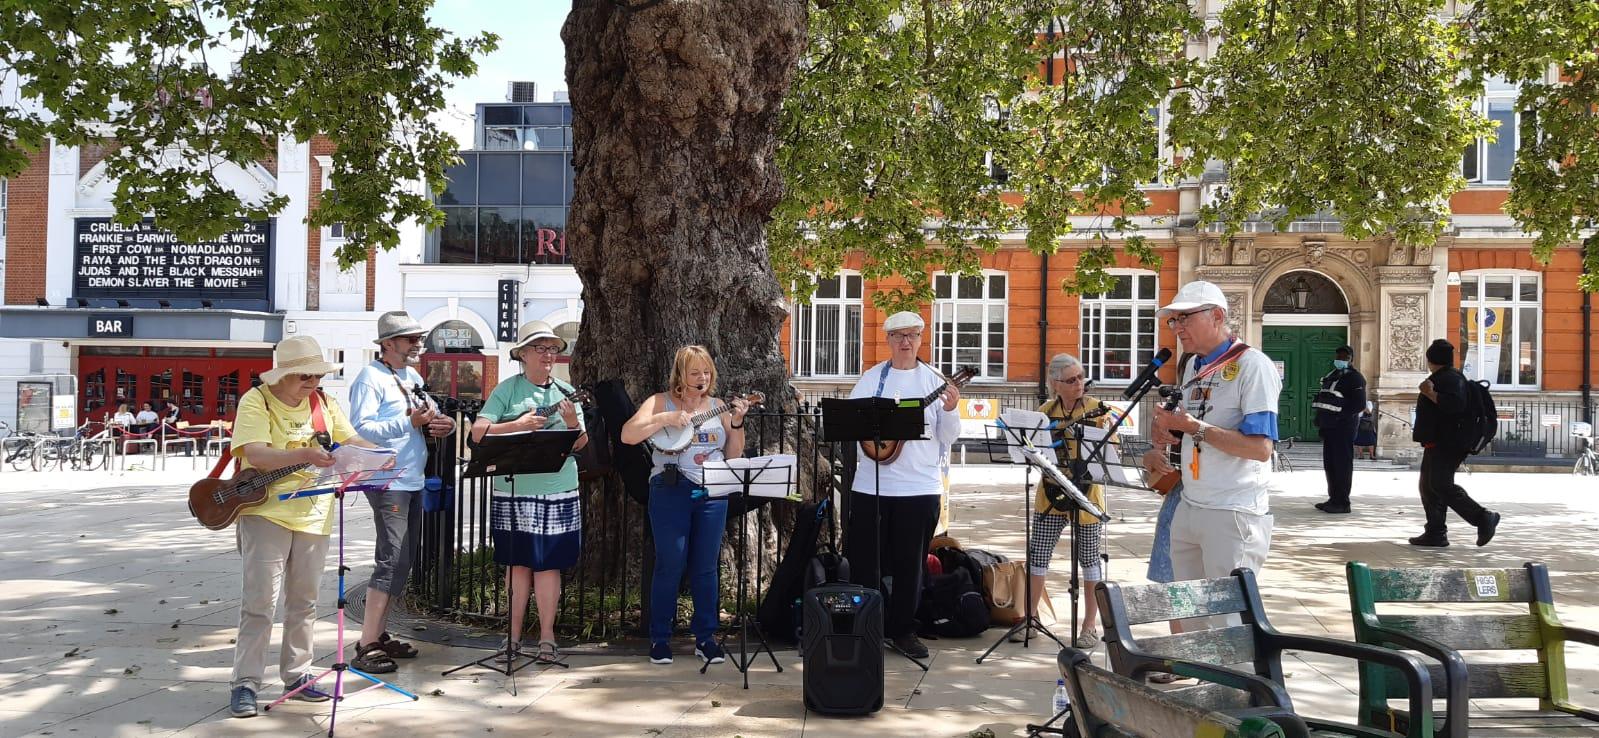 Ukulele band at Windrush Square